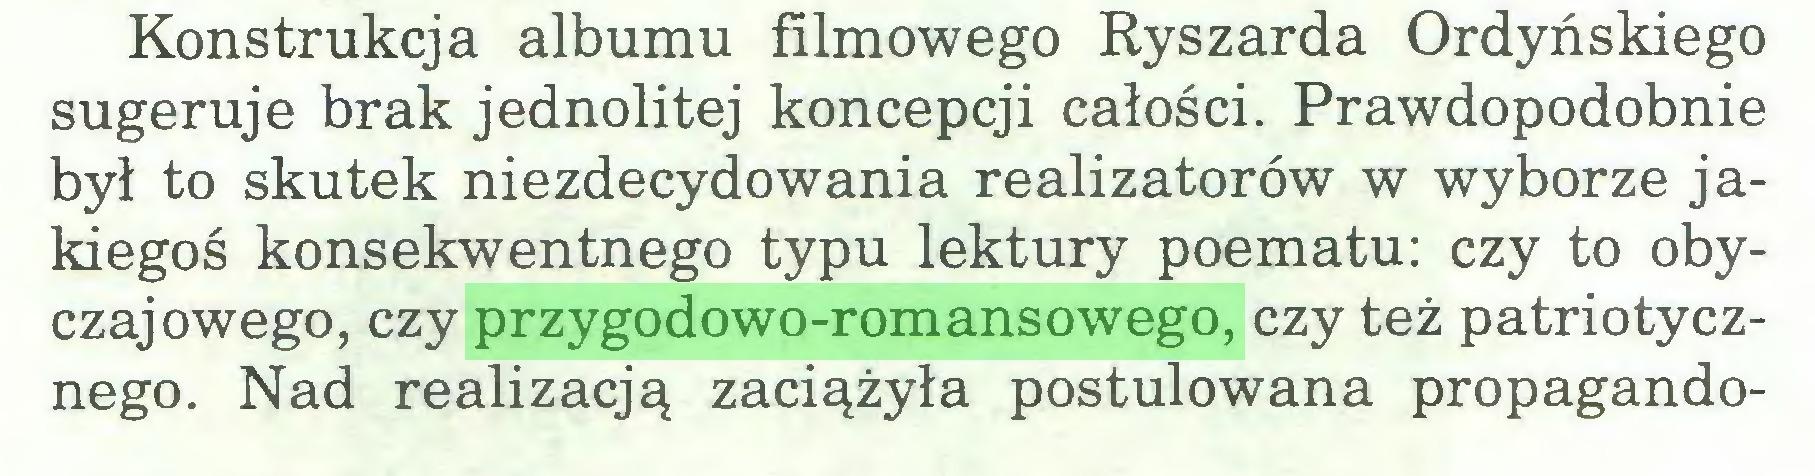 (...) Konstrukcja albumu filmowego Ryszarda Ordyńskiego sugeruje brak jednolitej koncepcji całości. Prawdopodobnie był to skutek niezdecydowania realizatorów w wyborze jakiegoś konsekwentnego typu lektury poematu: czy to obyczajowego, czy przygodowo-romansowego, czy też patriotycznego. Nad realizacją zaciążyła postulowana propagando...